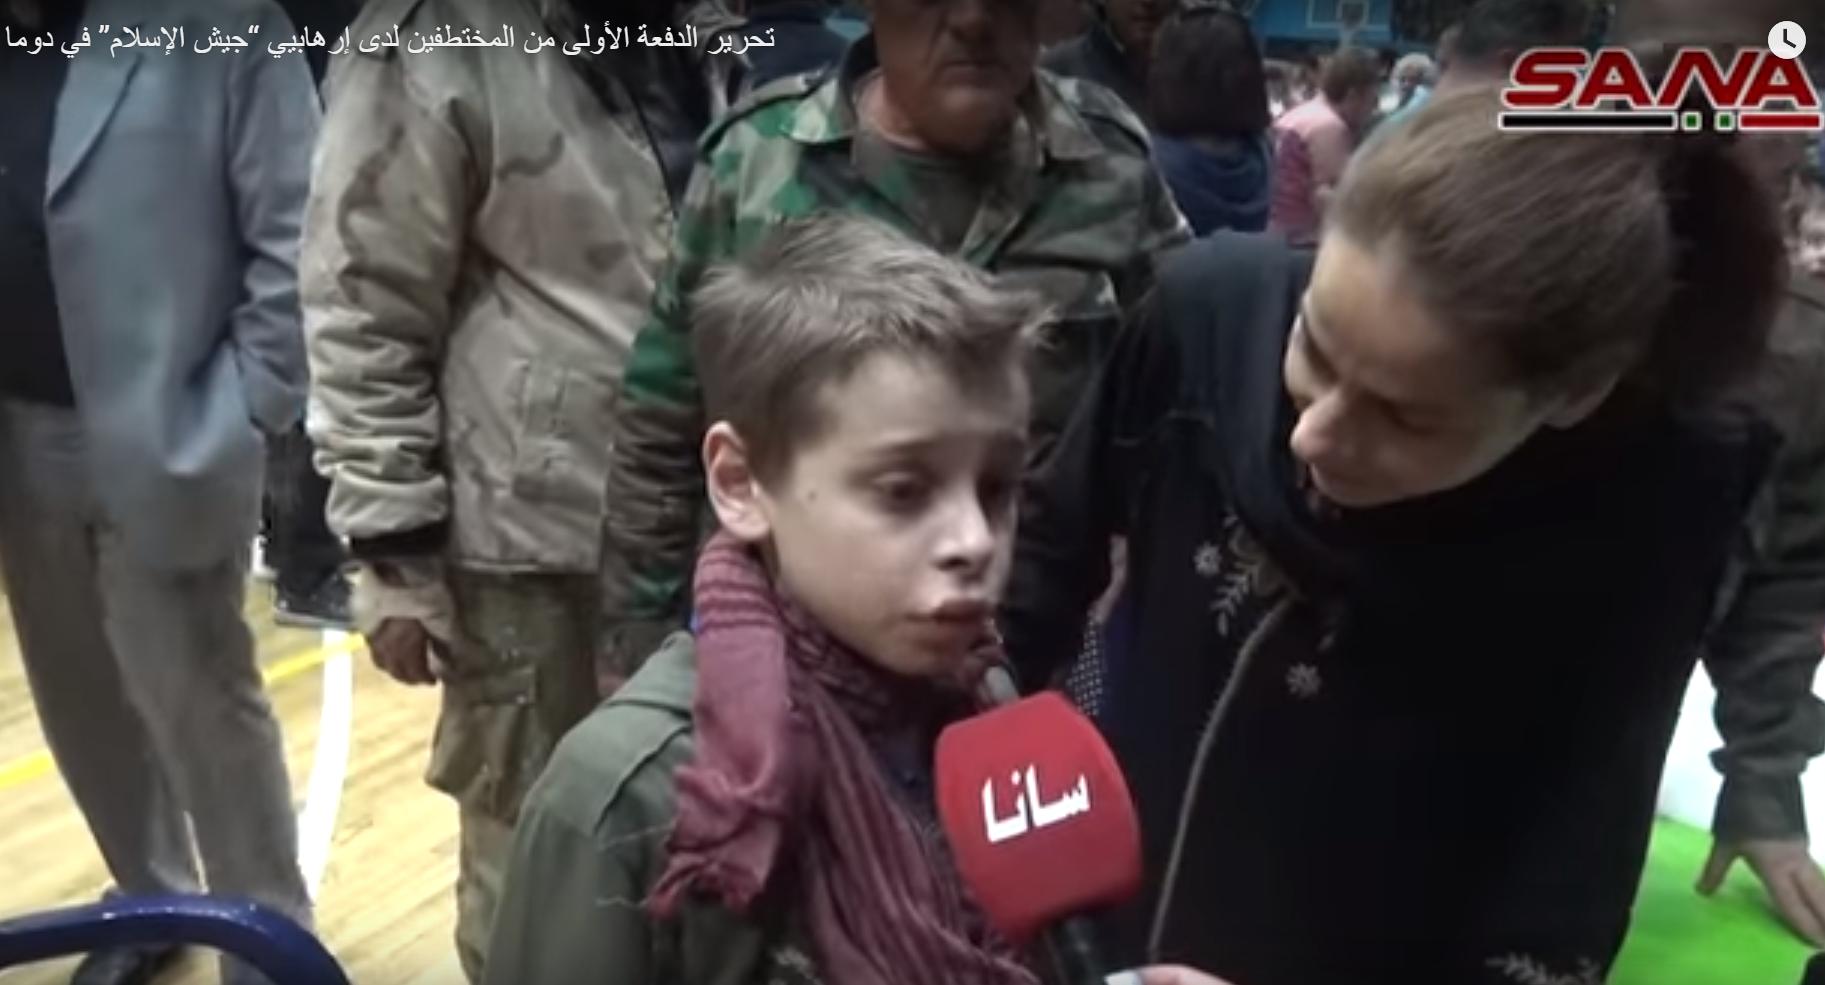 طفل مختطف سابق، يتحدث عن اعتقاله لدى جيش الإسلام، مع والدته (سانا)